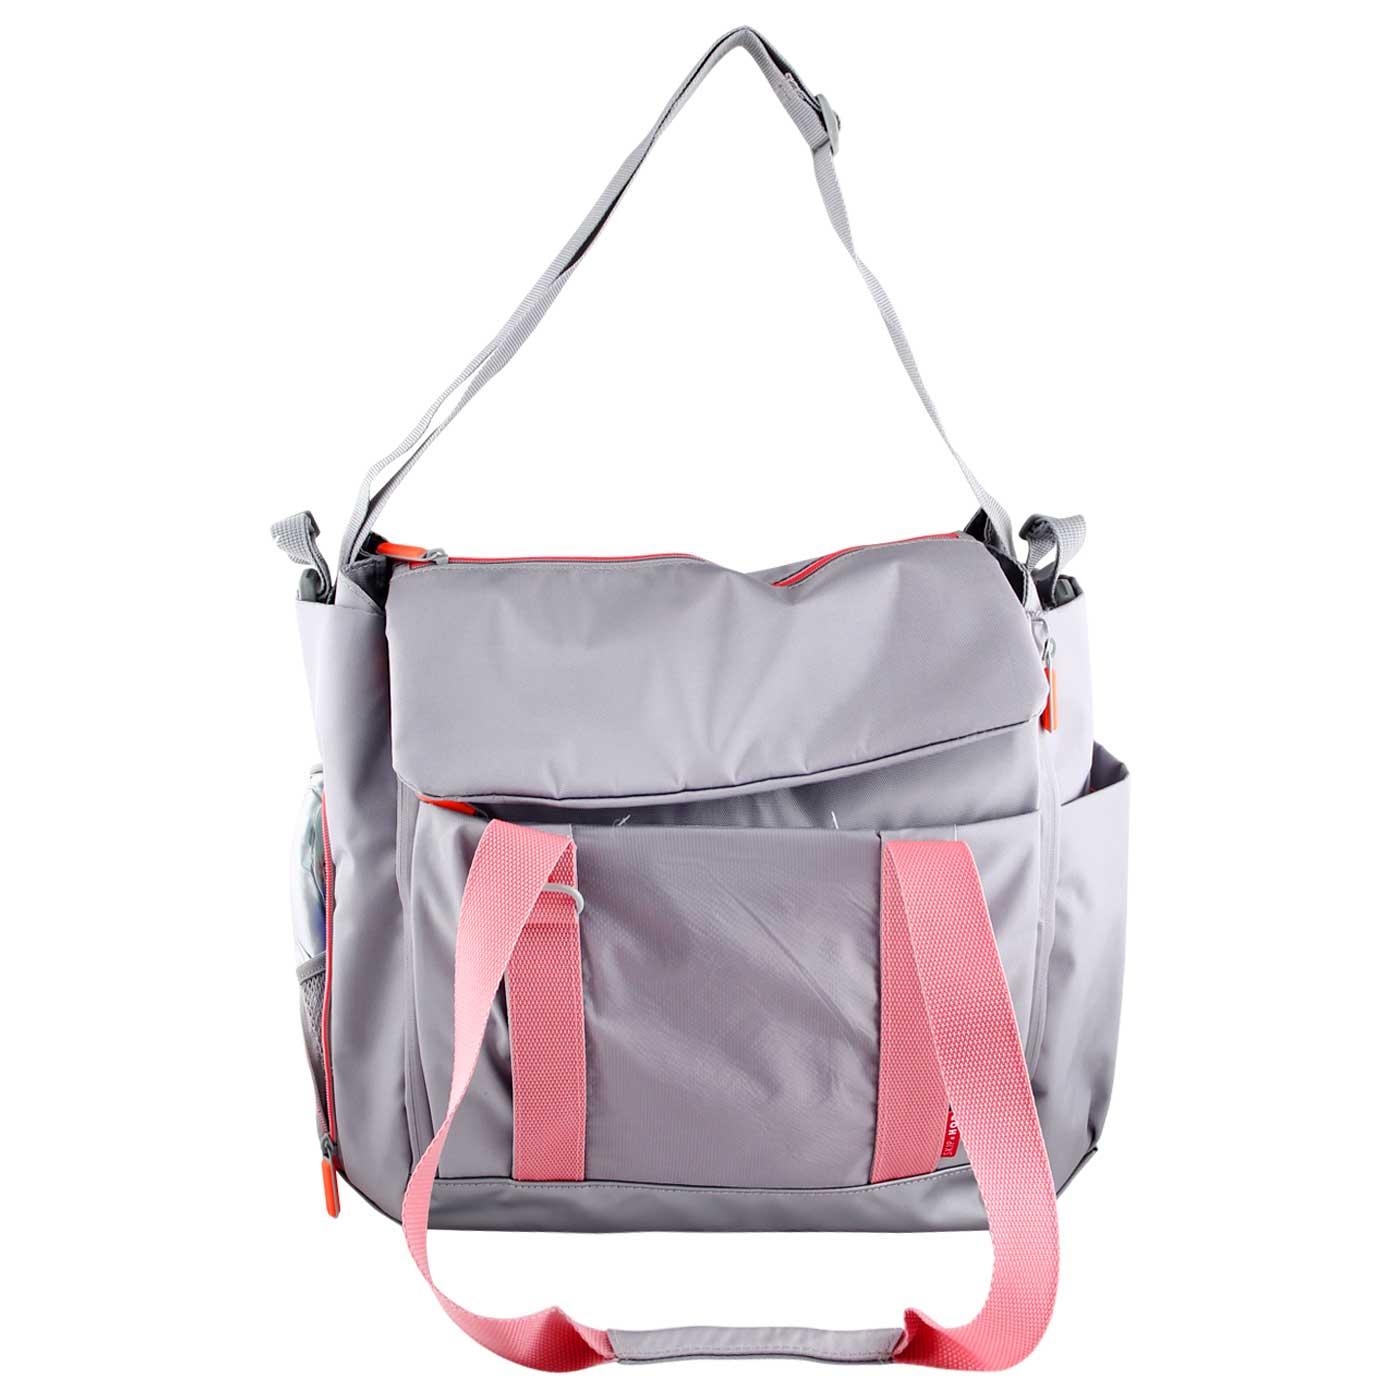 Skiphop Diaper Tote Bag Fit All Access - Platinum/Coral 1